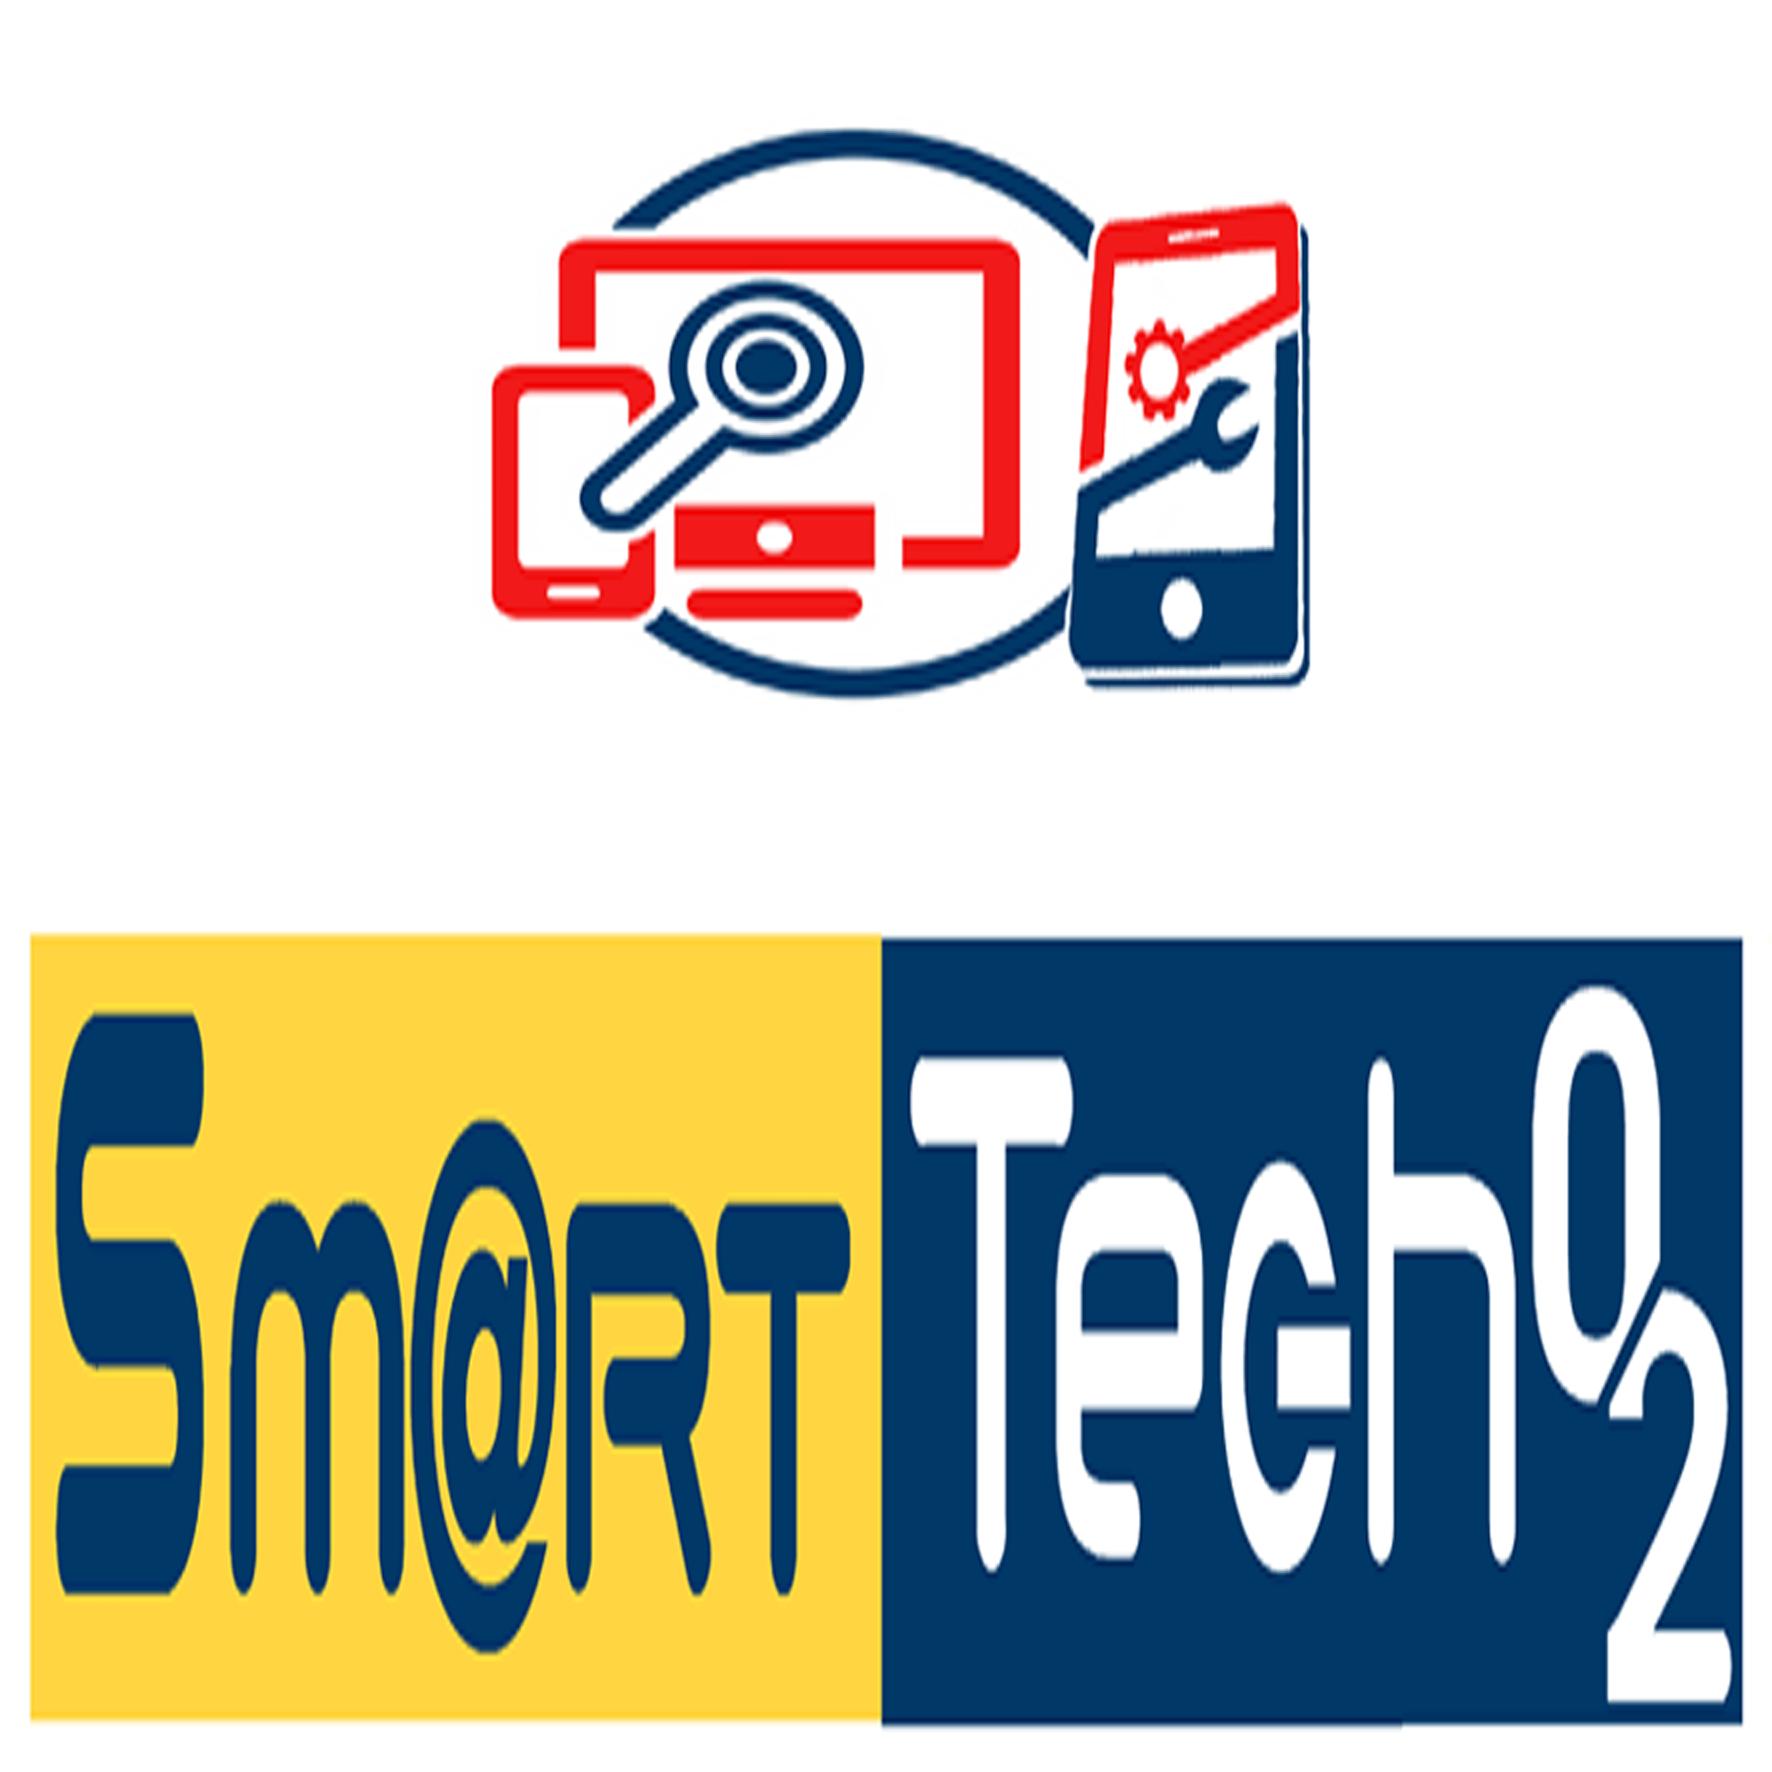 SMART TECH 02